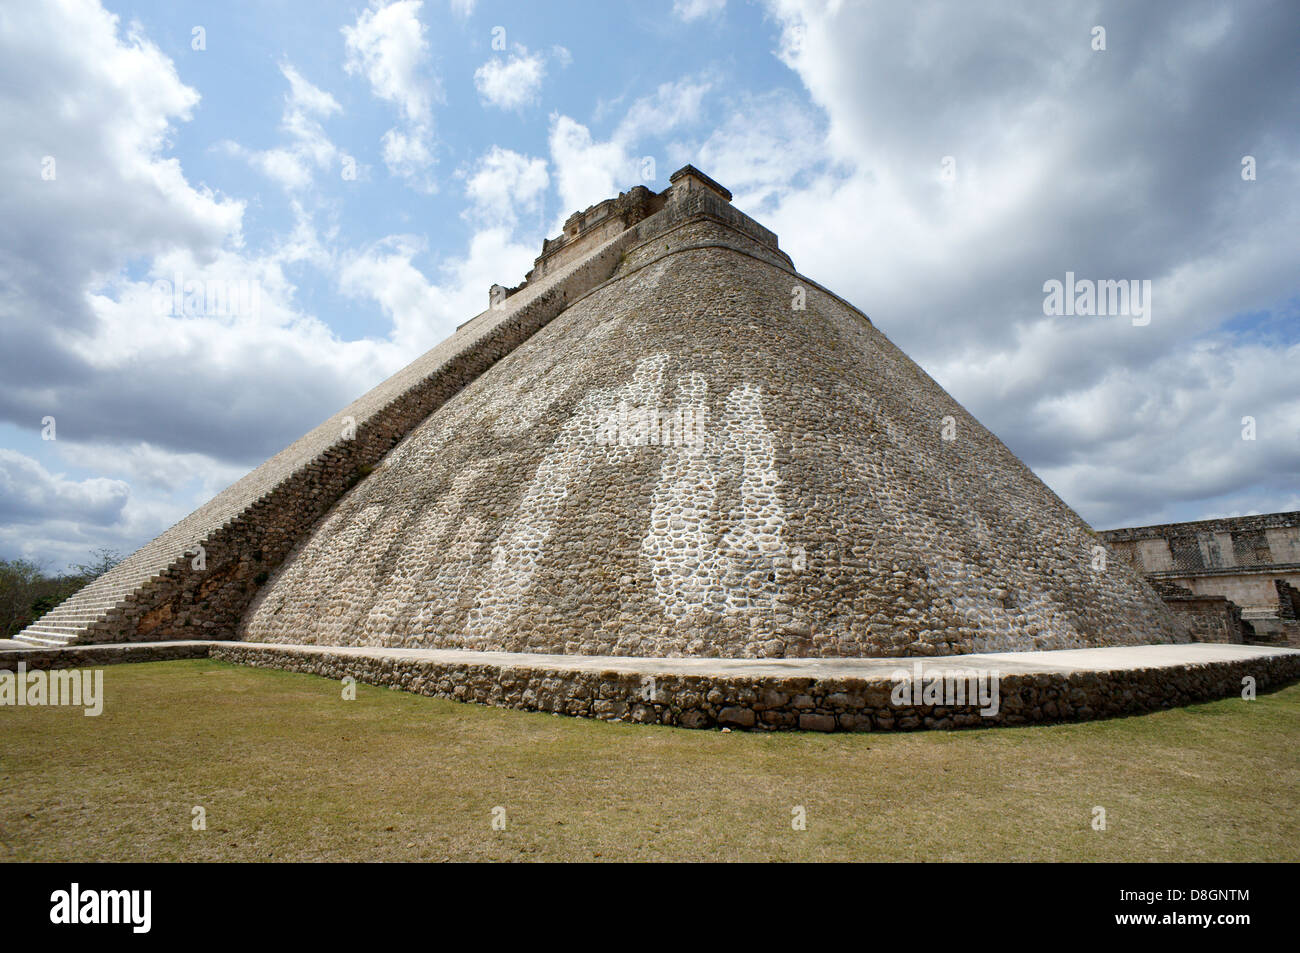 Pyramid of the Magician at the Mayan ruins of Uxmal, Yucatan, Mexico - Stock Image